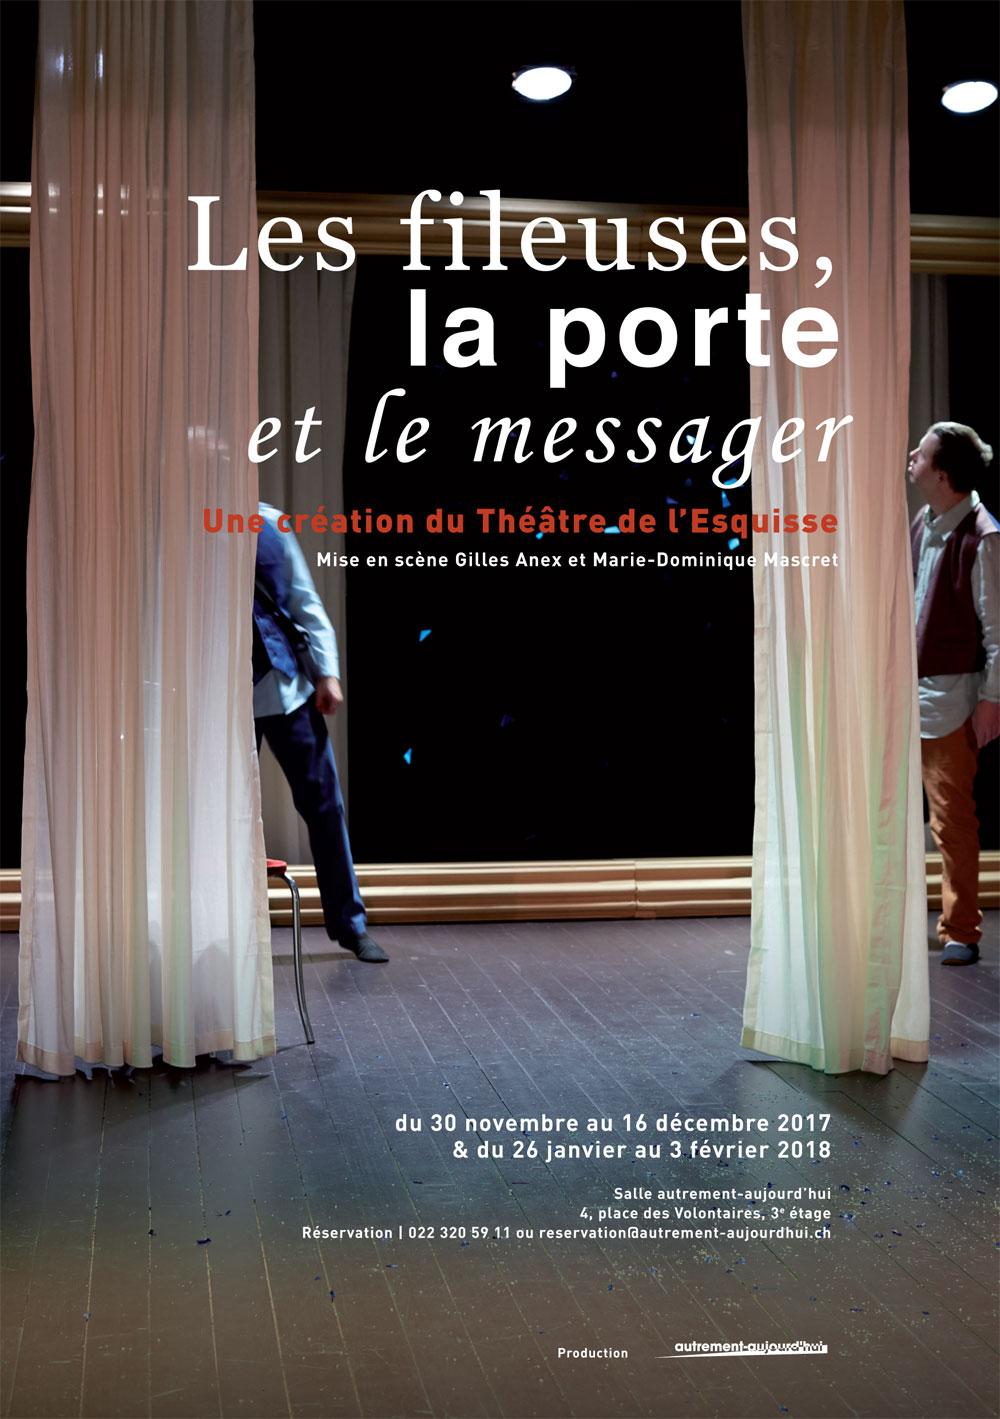 Flyer, Les fileuses, la porte et le messager, Théâtre de l'esquisse, Meister, Genève